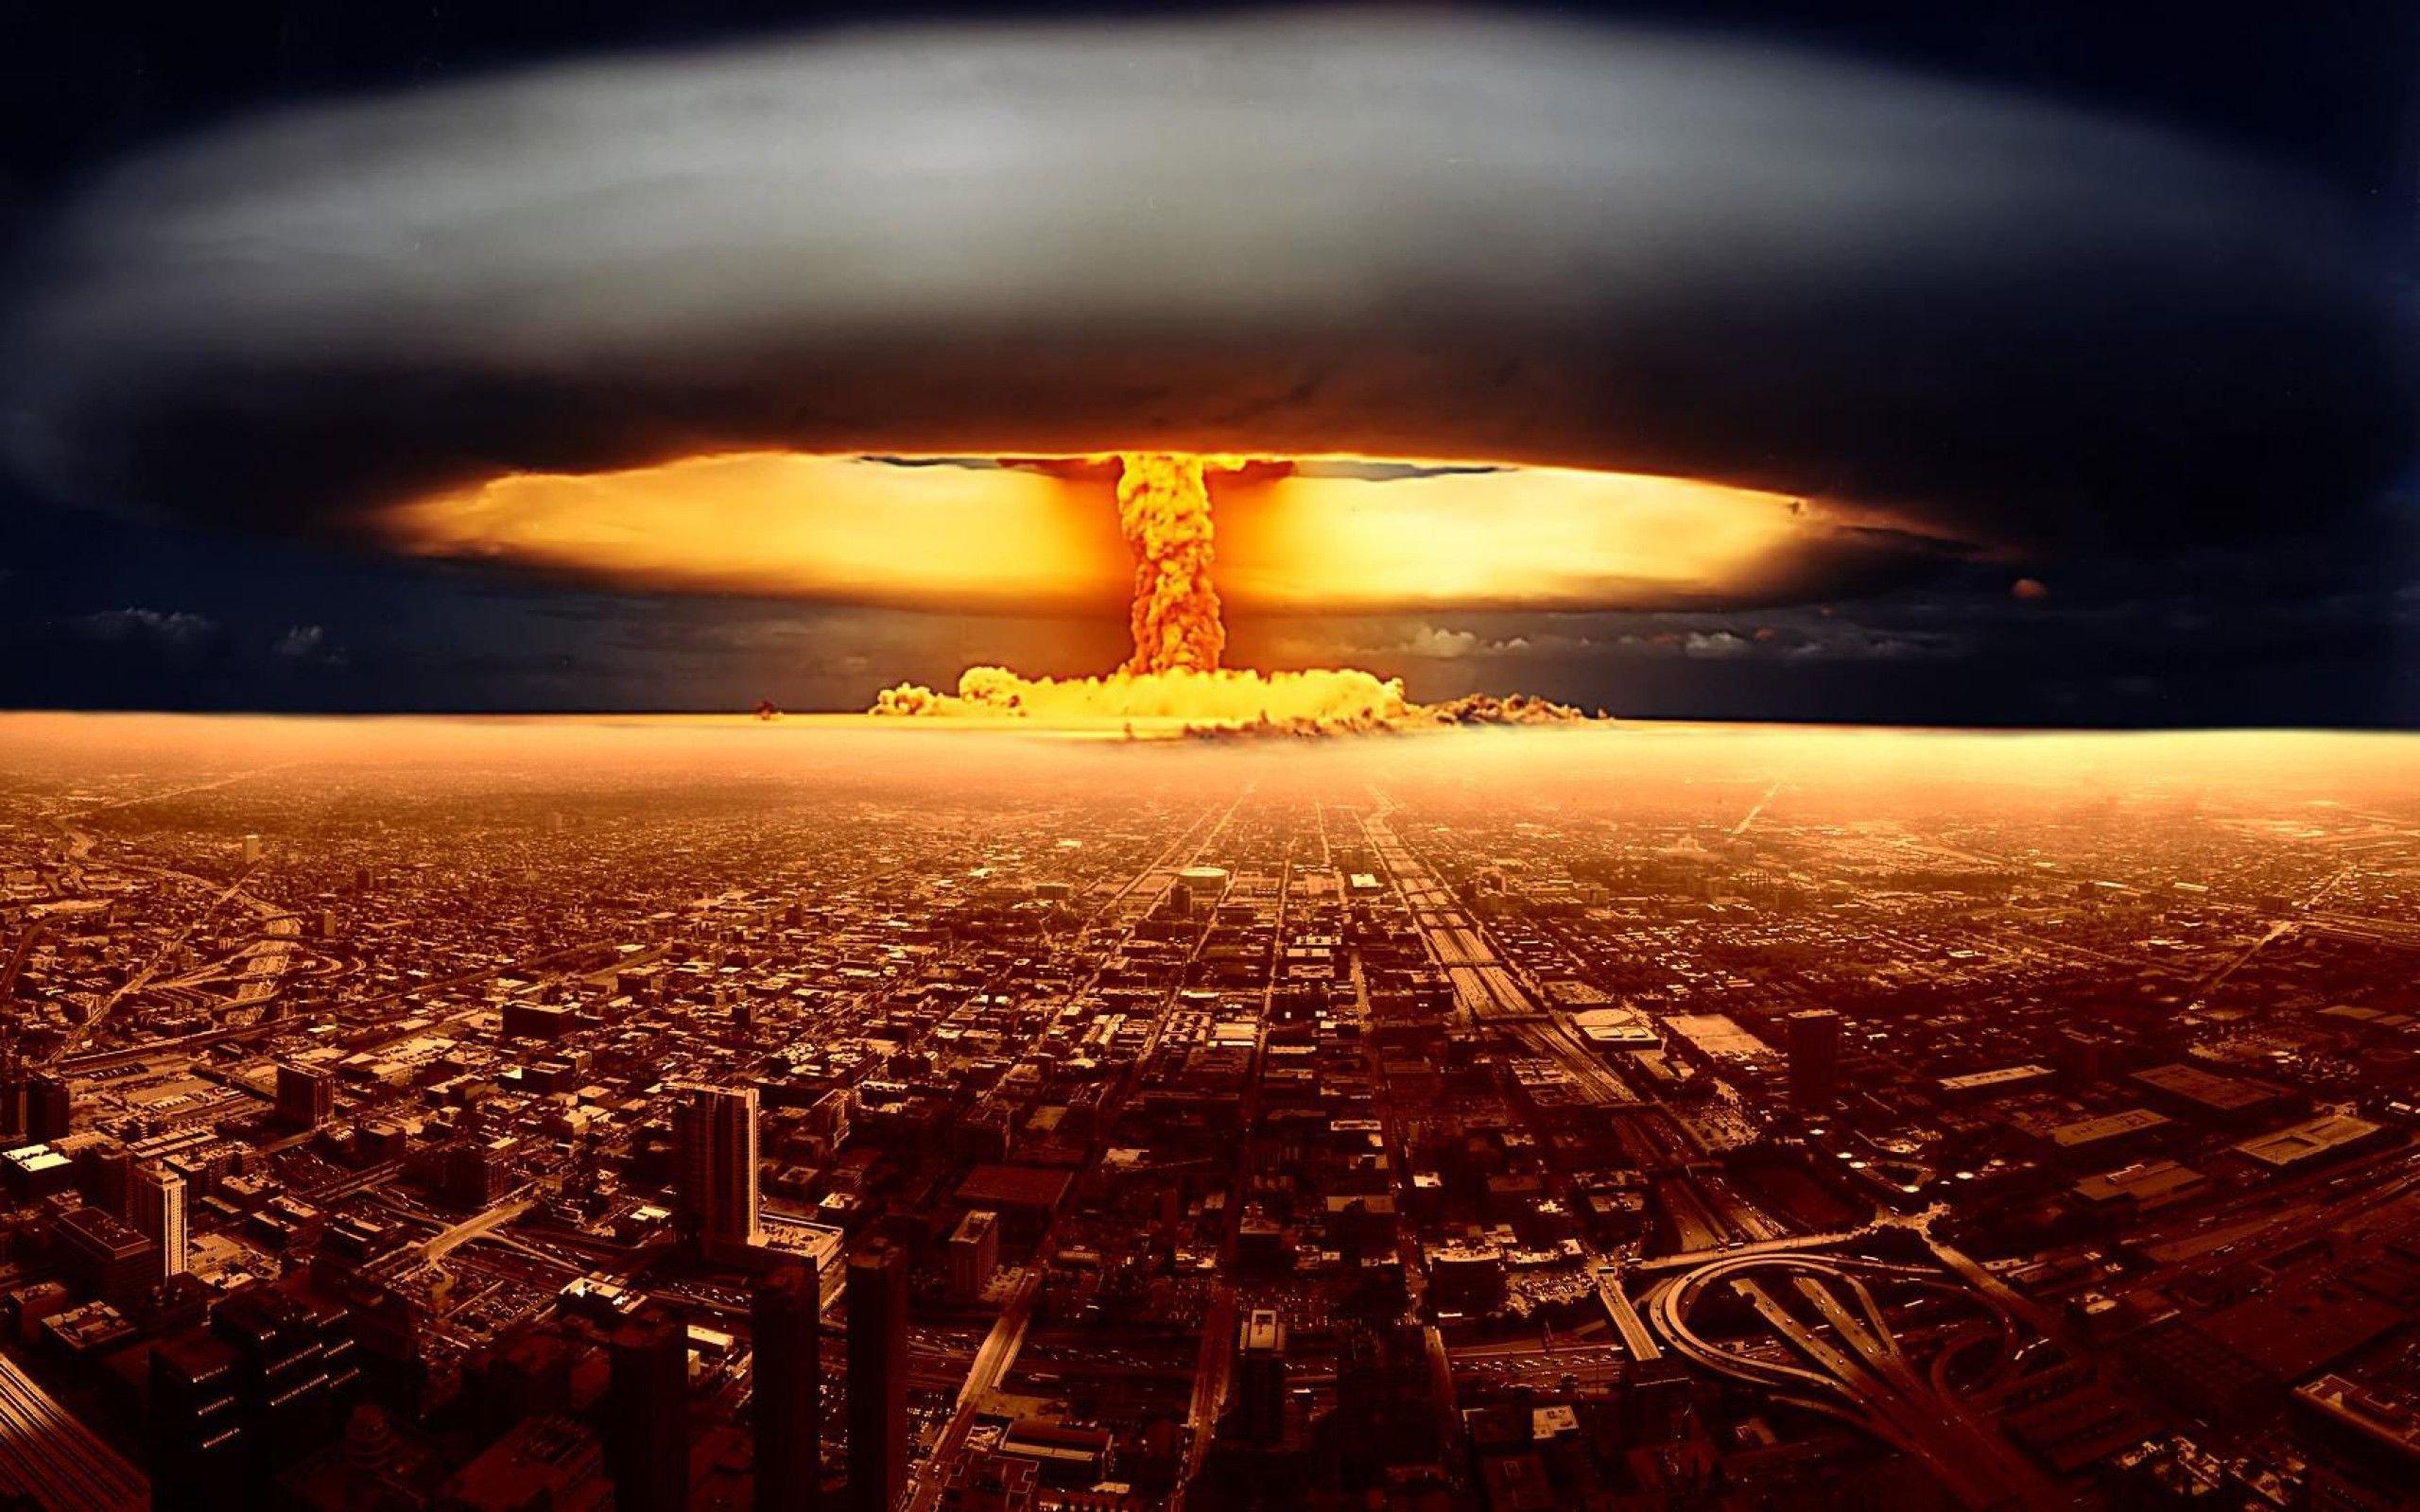 Вweb-сети интернет появился видеоролик соценкой человеческих потерь вслучае ядерной войны